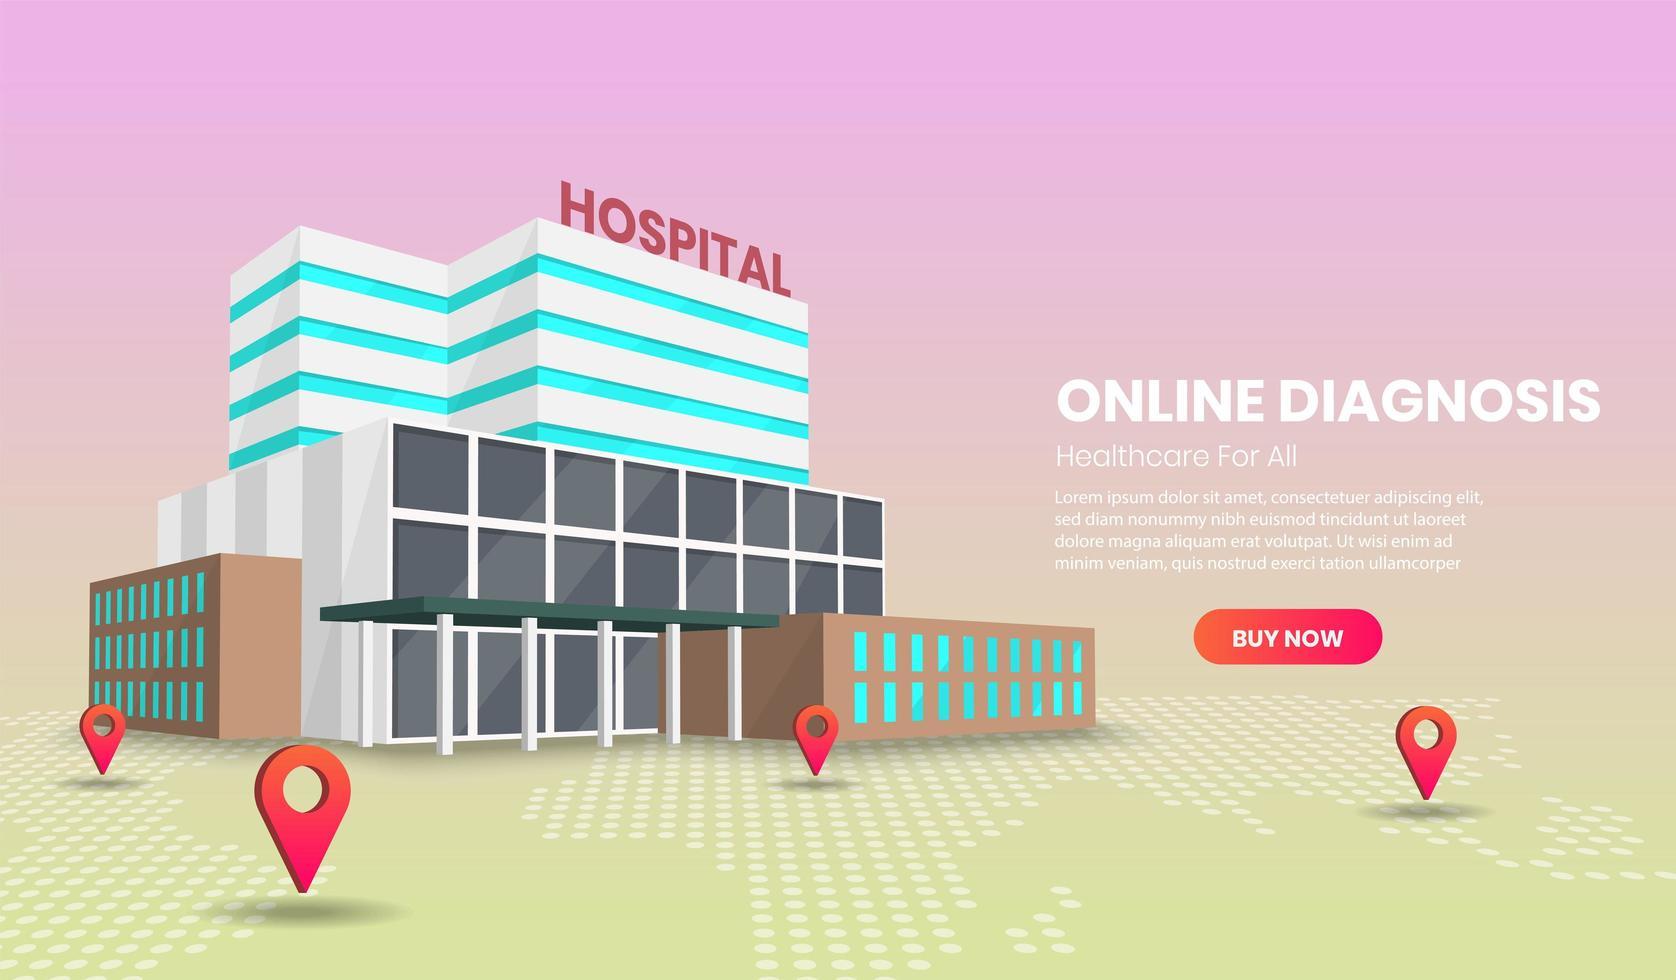 Online medizinische Diagnose und Behandlung vektor